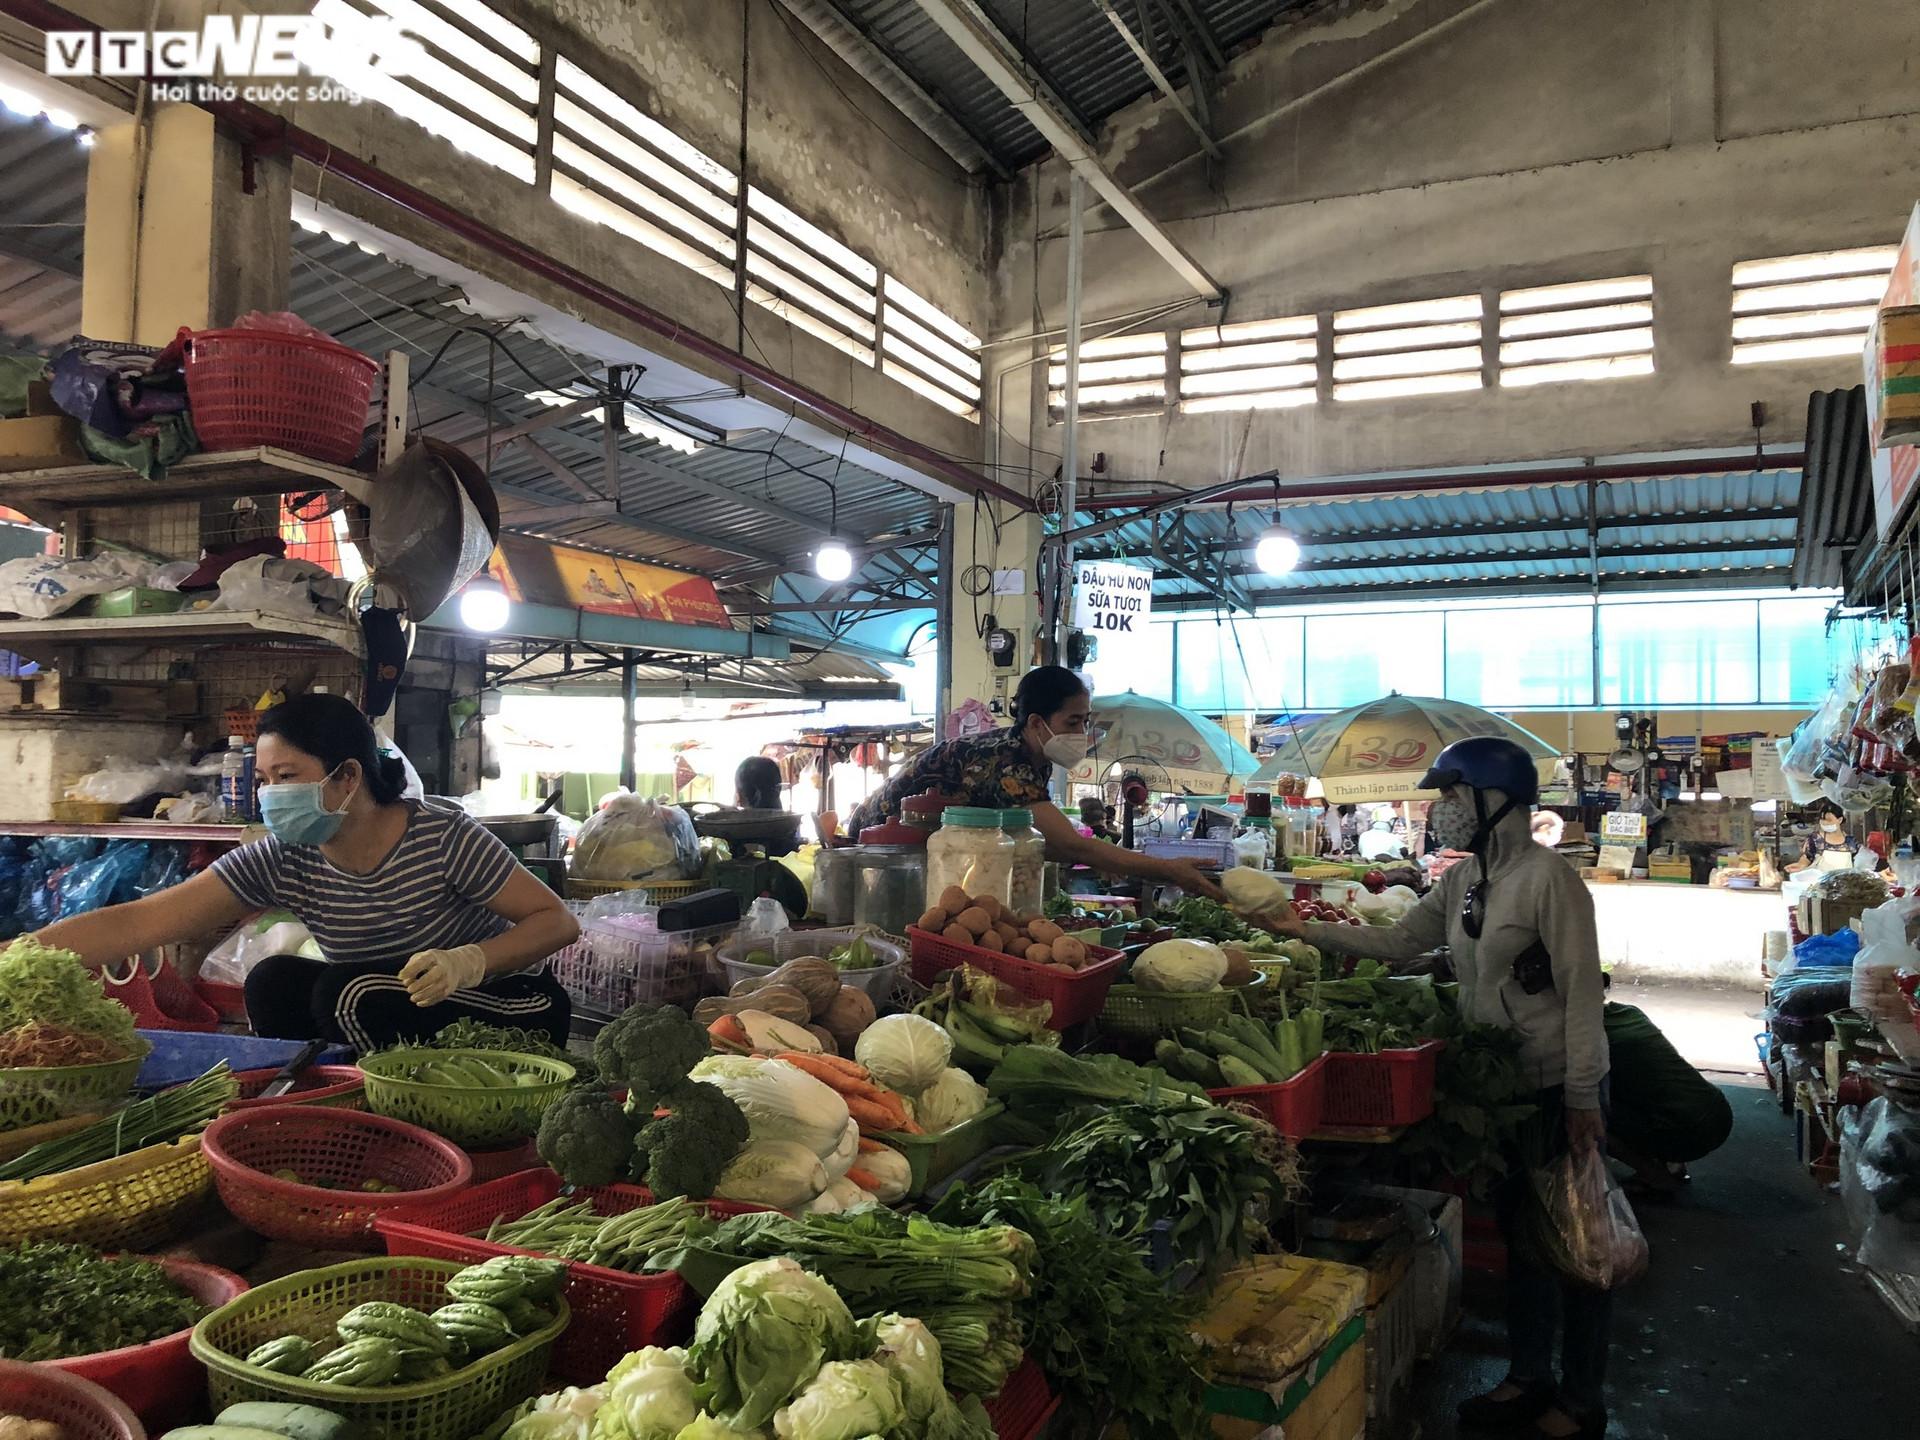 Ảnh: Hàng hóa chất đầy kệ, người Sài Gòn không cần lo thiếu thực phẩm - 4